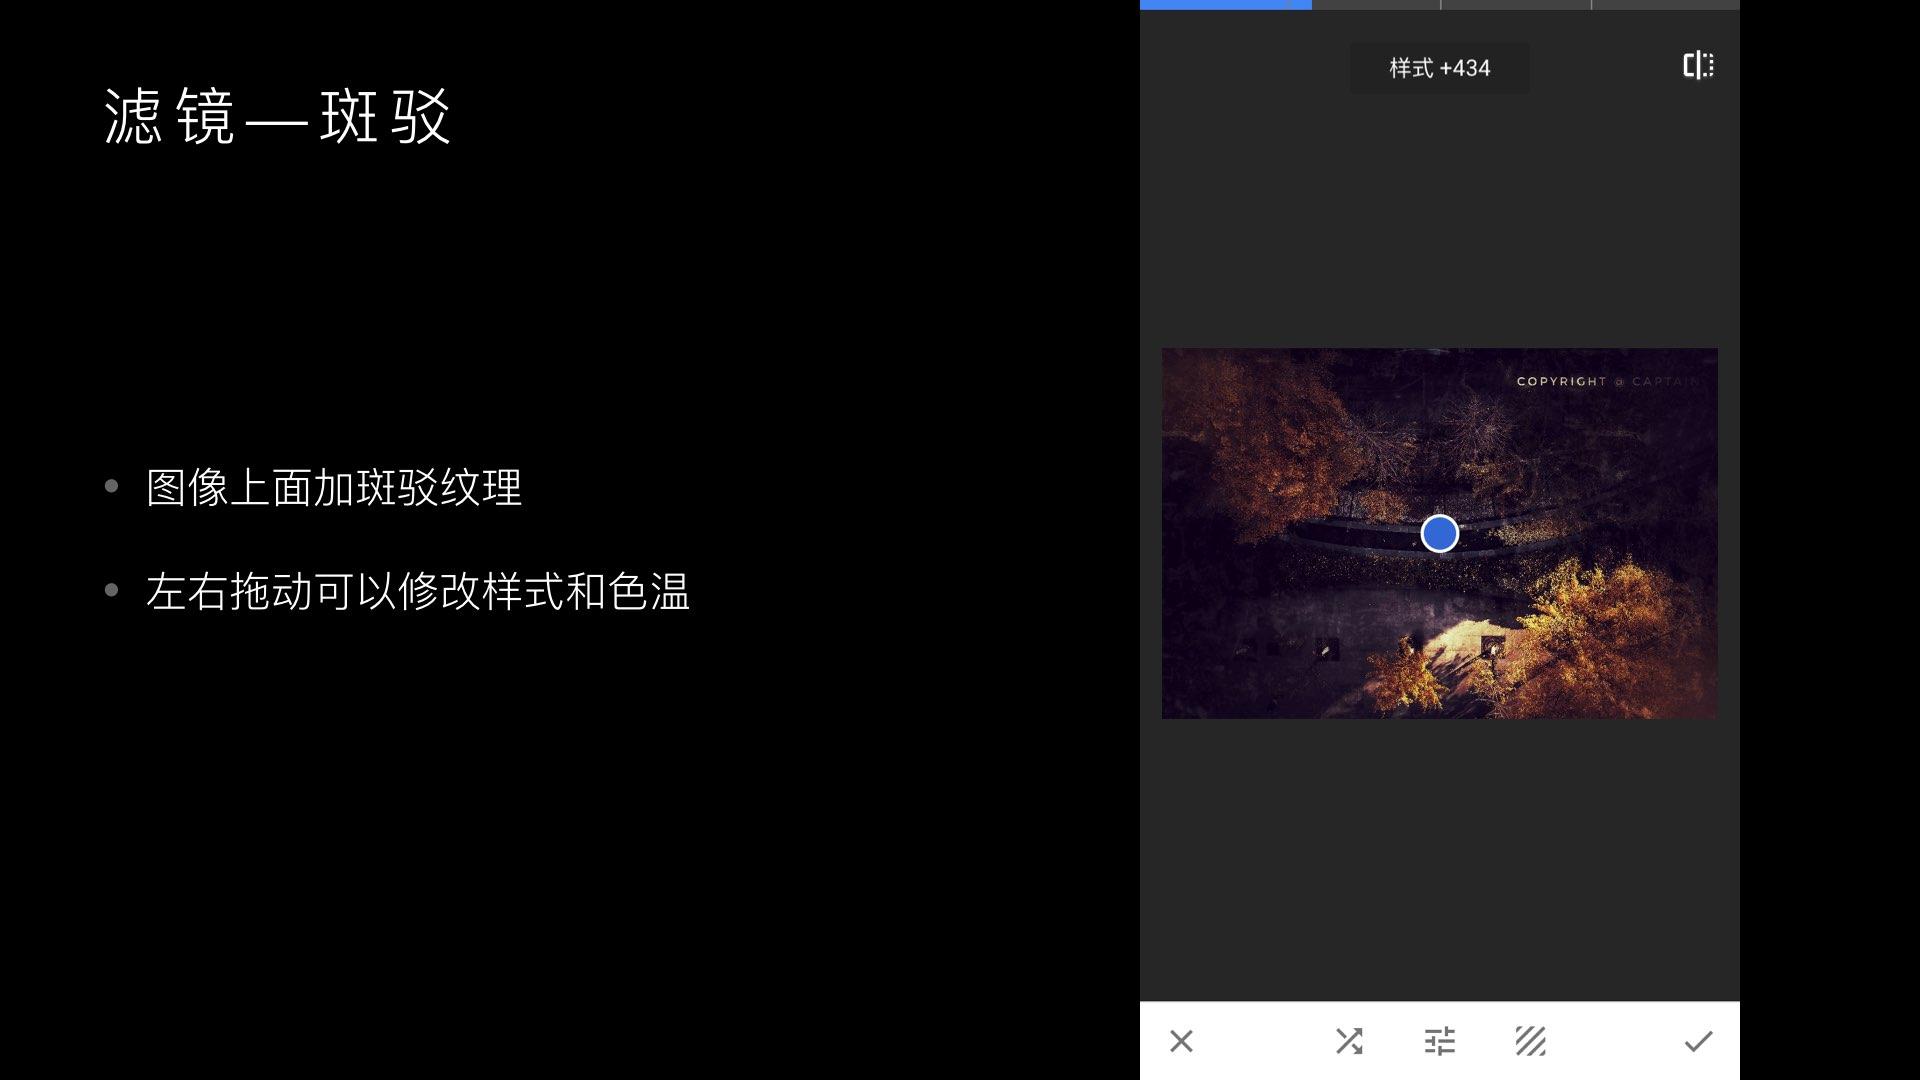 化腐朽为神奇,Snapseed图片编辑教程.027.jpeg